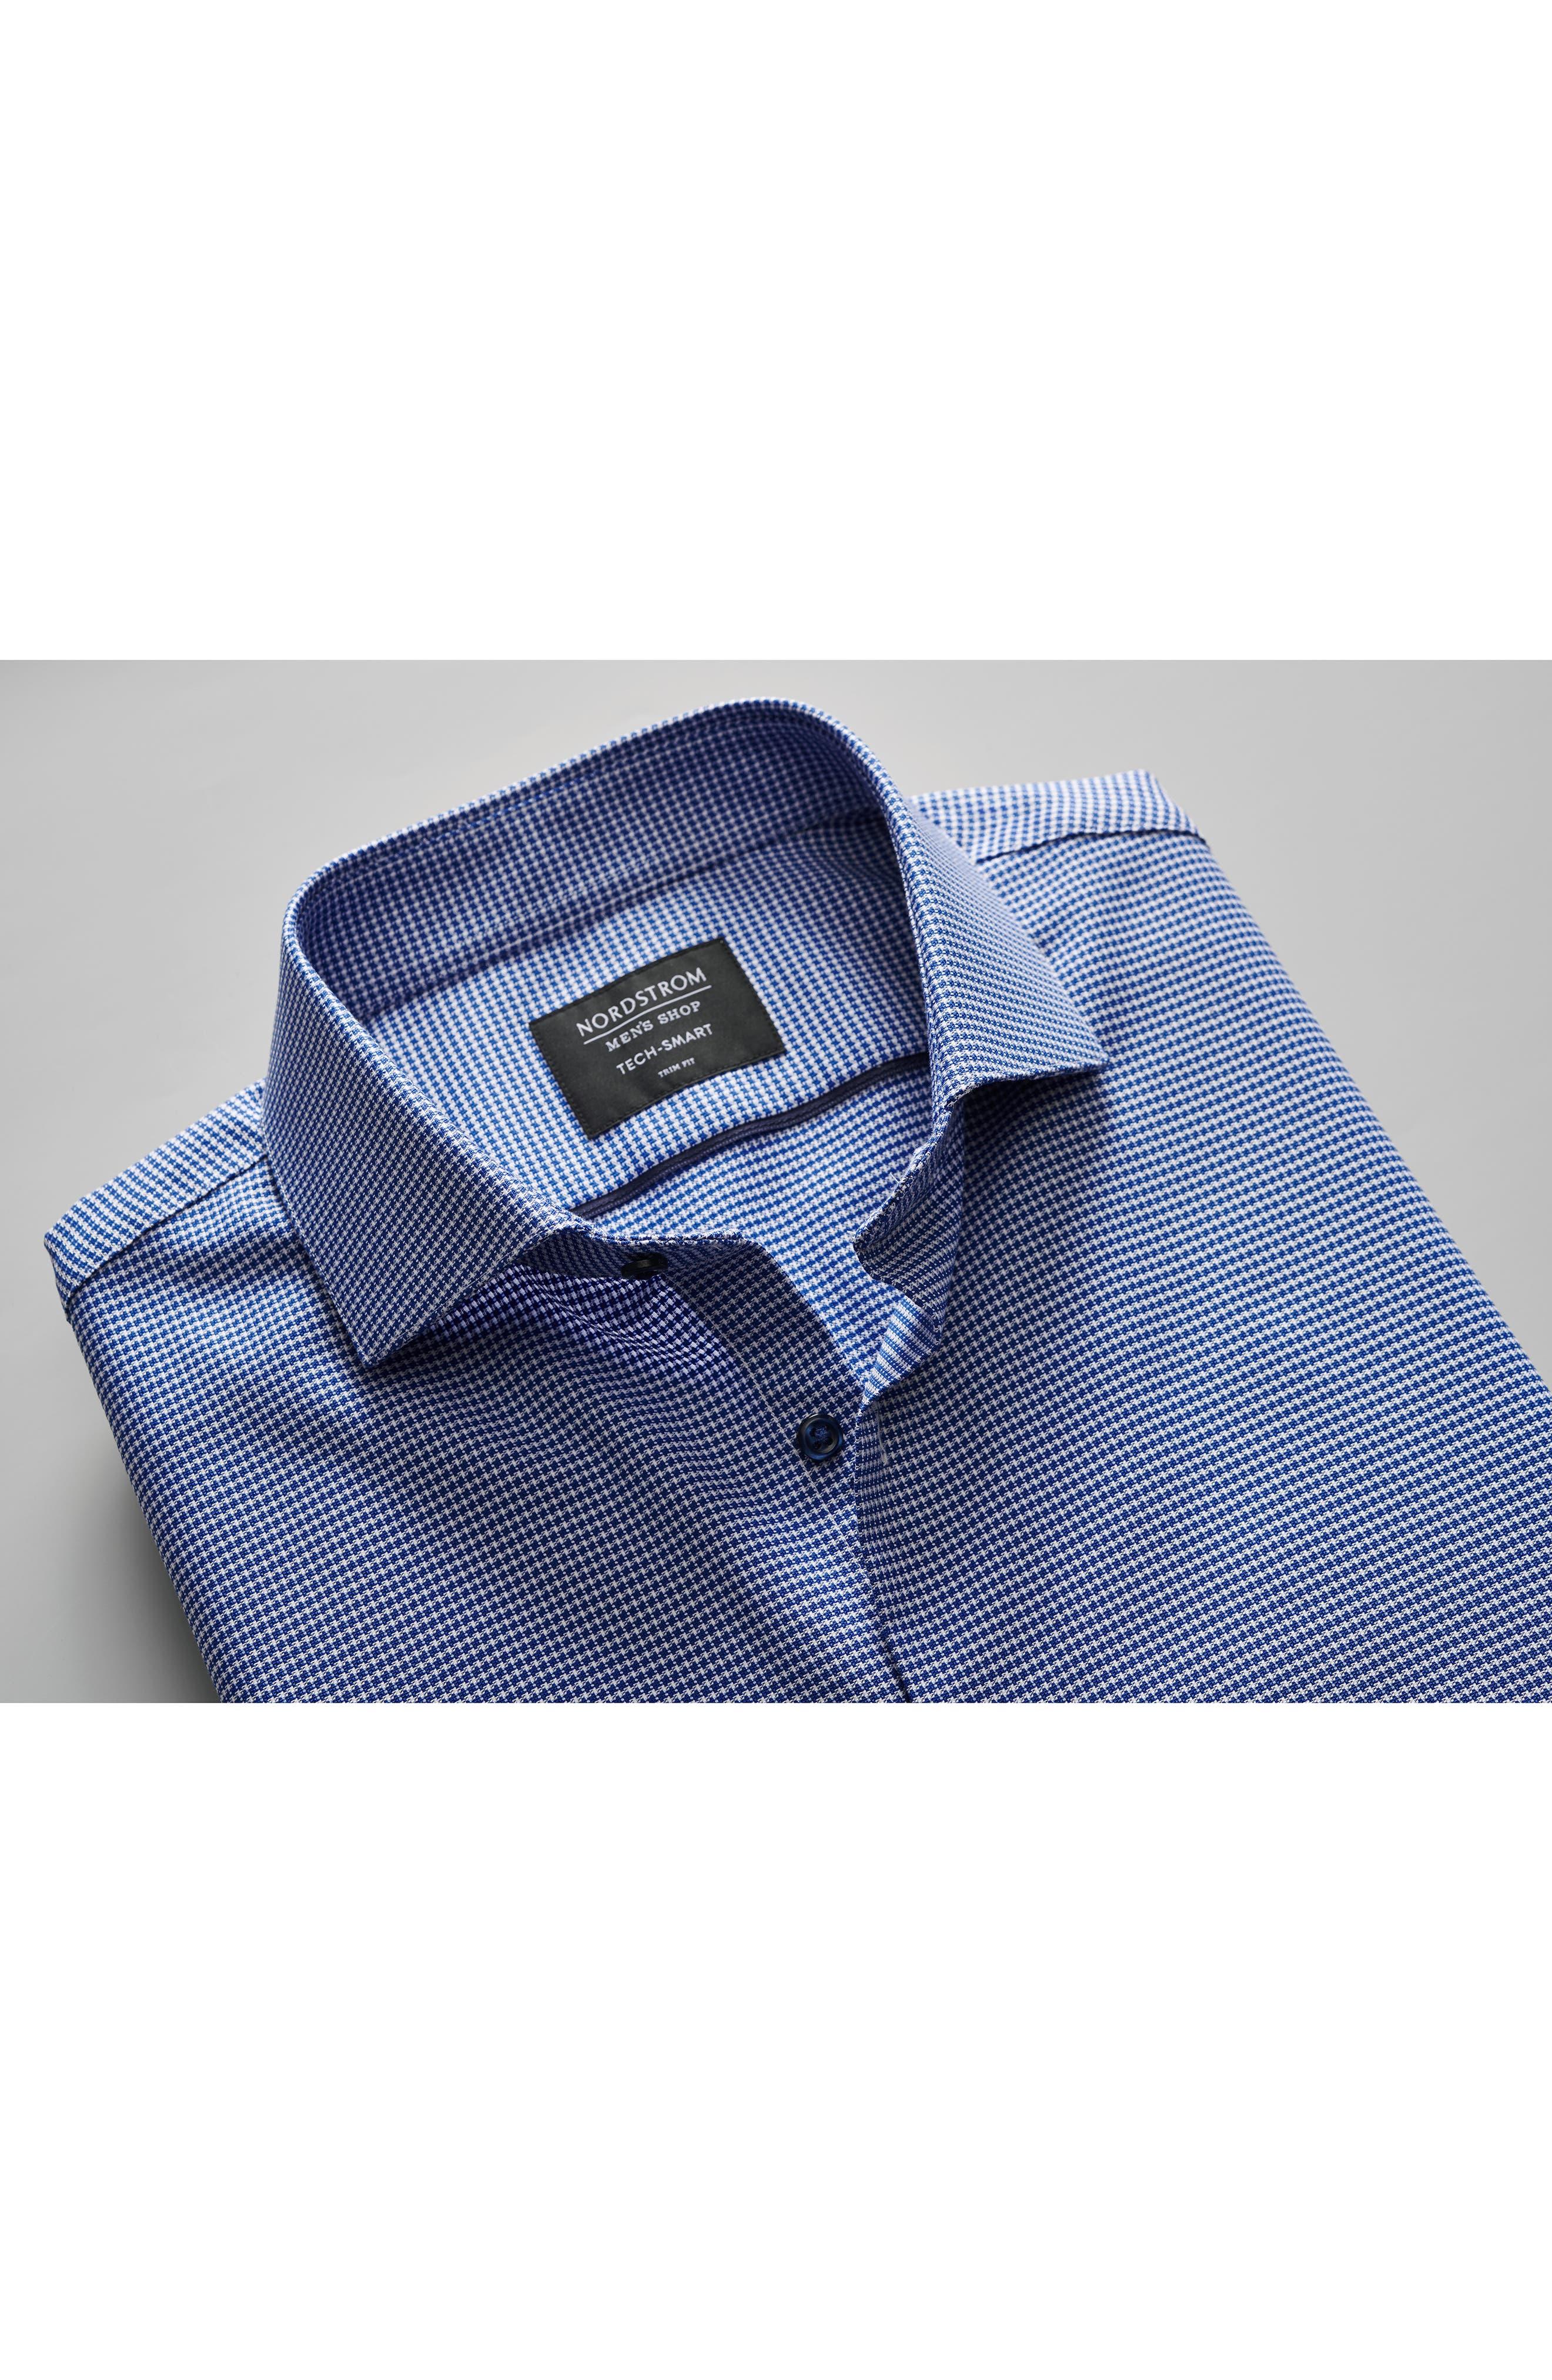 NORDSTROM MEN'S SHOP,                             Tech-Smart Trim Fit Stretch Texture Dress Shirt,                             Alternate thumbnail 12, color,                             BLUE HYDRANGEA